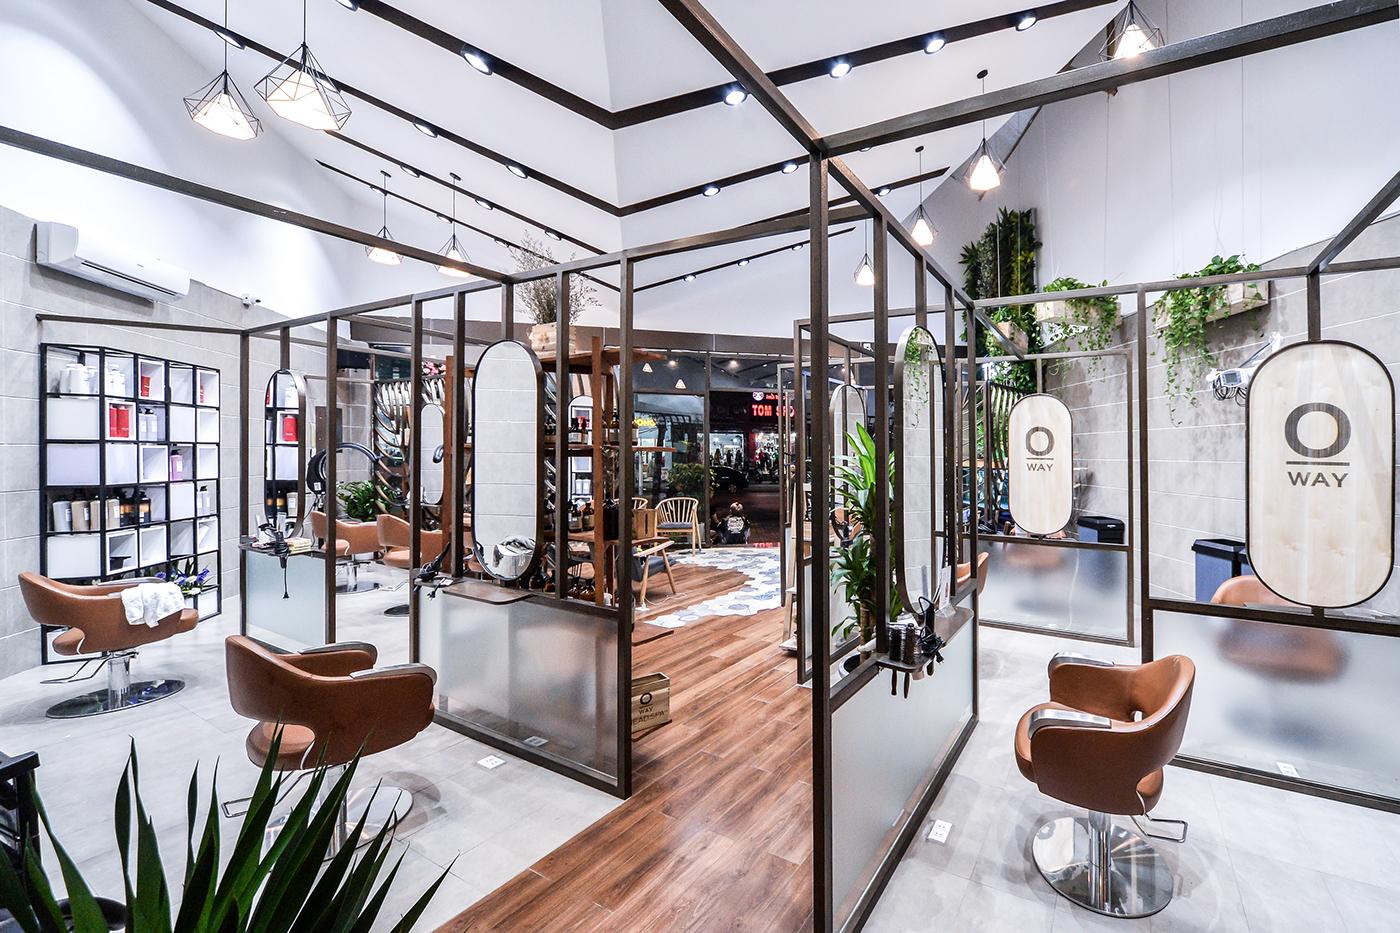 thiết kế nội thất Spa tại Nghệ An Thiết kế Tan's Hair Salon 1 1537501438